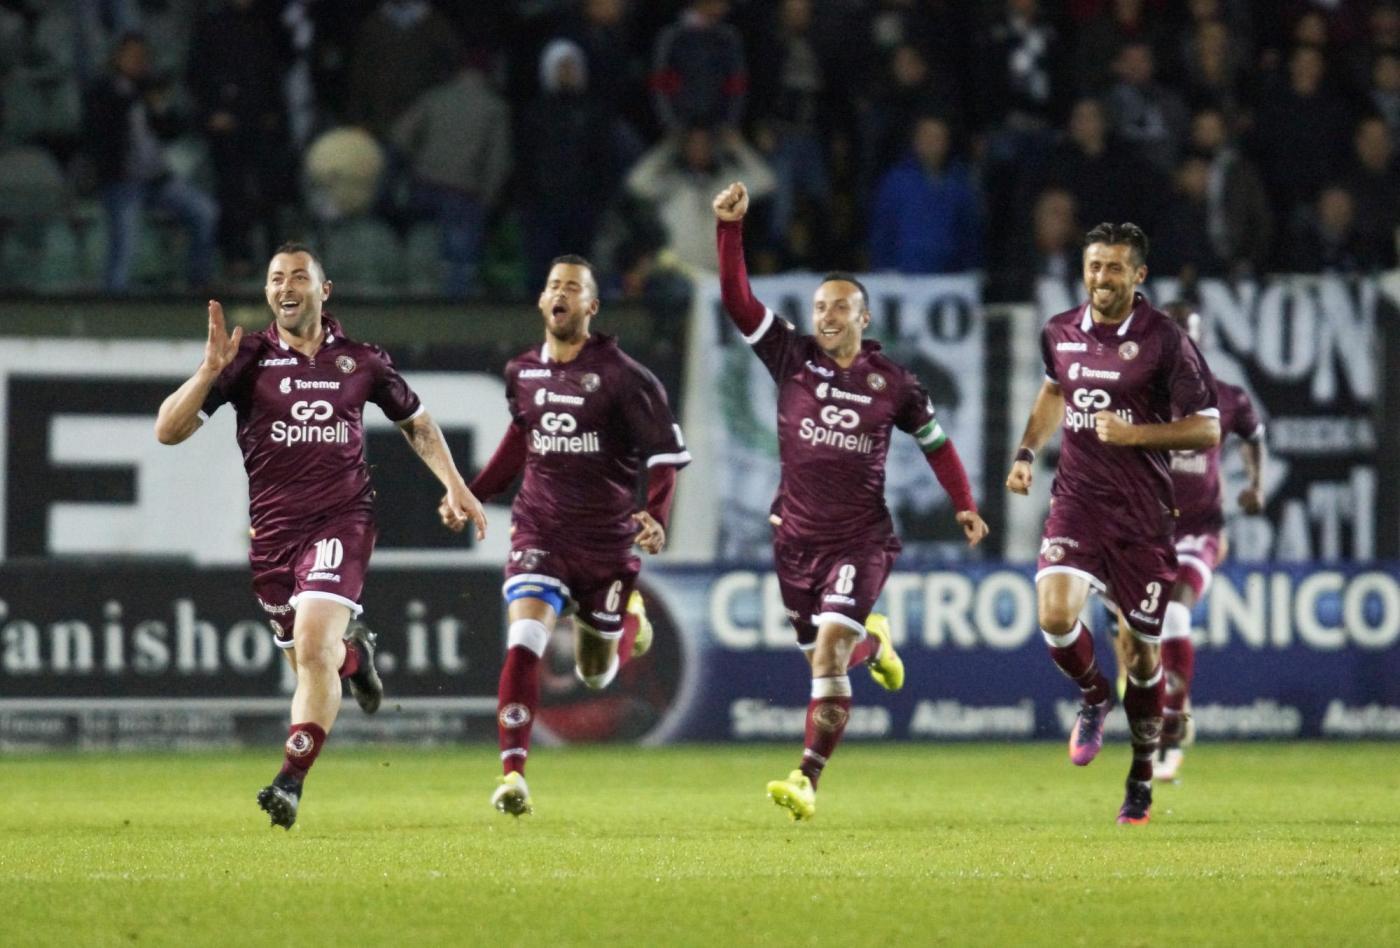 Olbia-Livorno sabato 7 aprile, analisi e pronostico Serie C